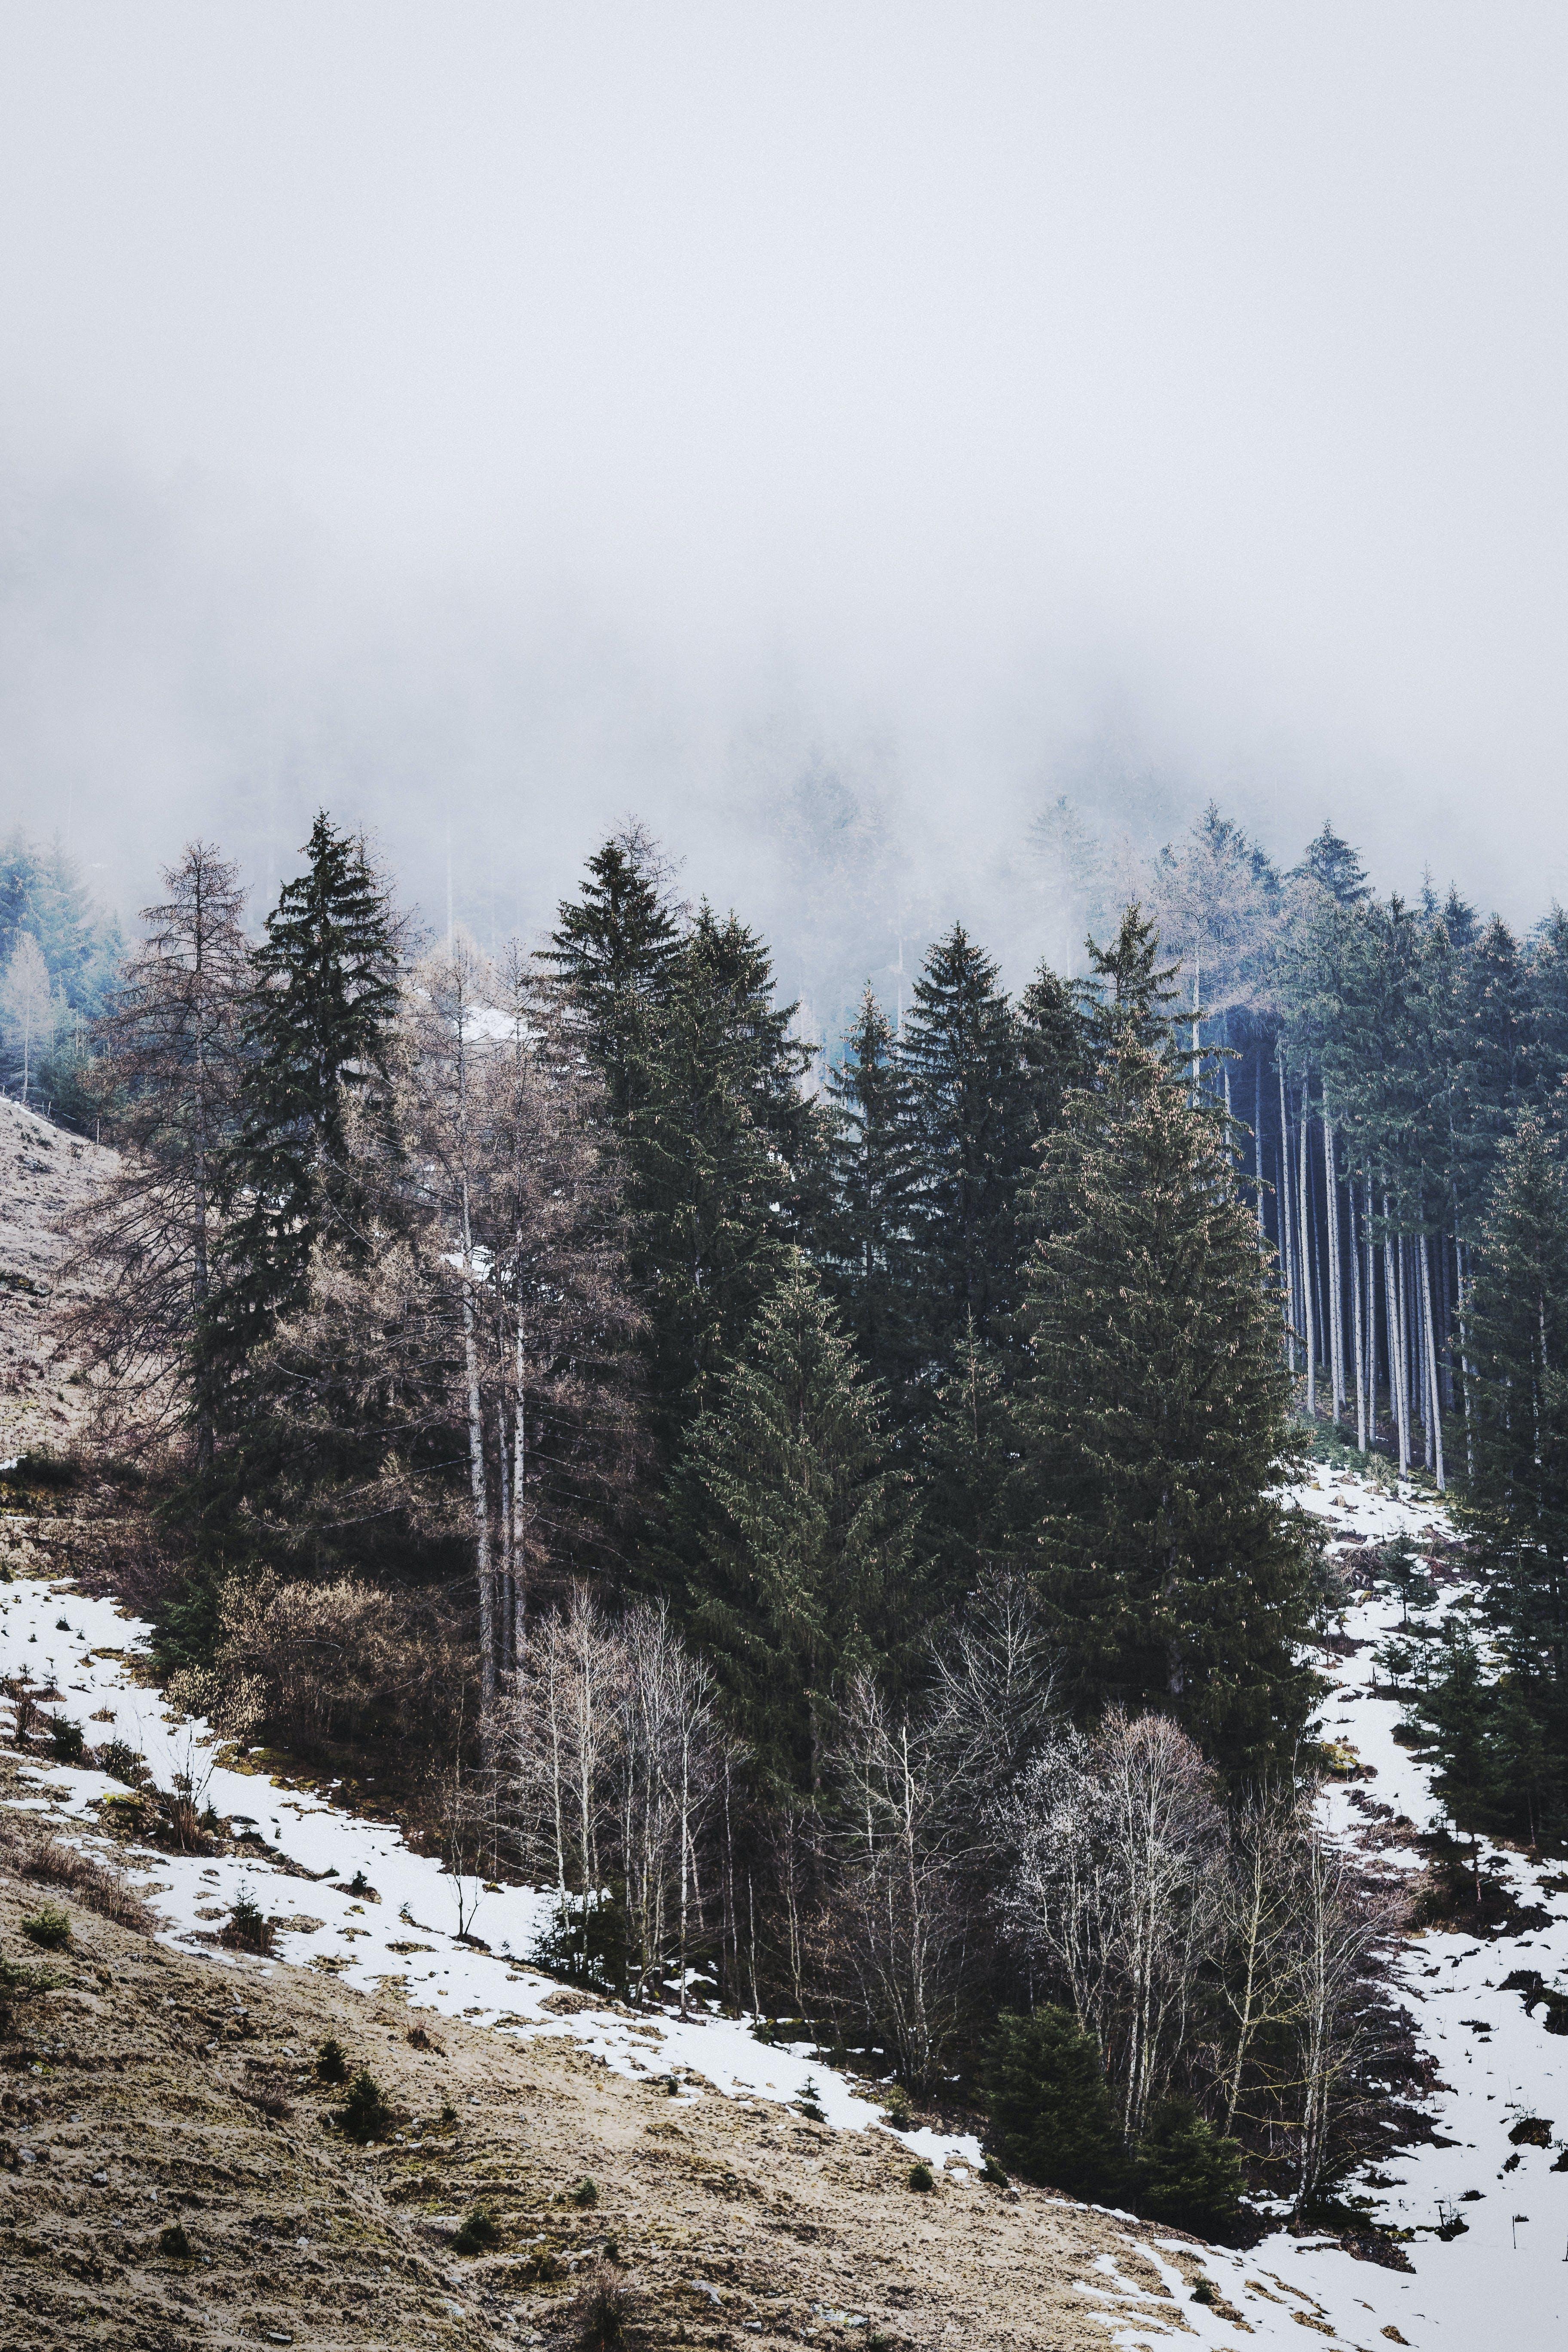 コールド, 冬, 冬の風景, 凍るの無料の写真素材